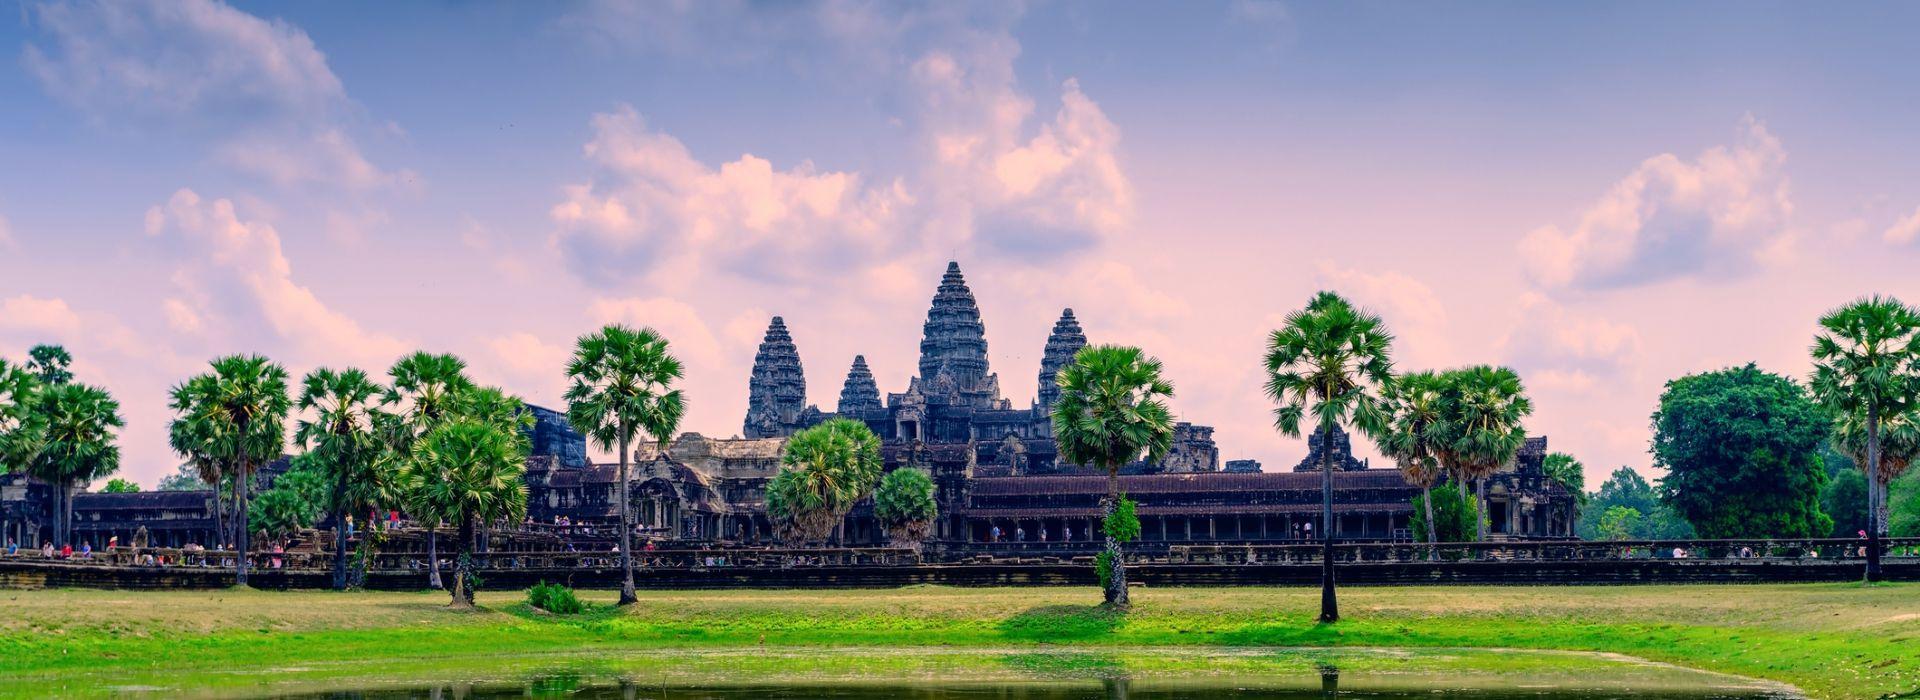 Adventure and sport activities Tours in Kampot